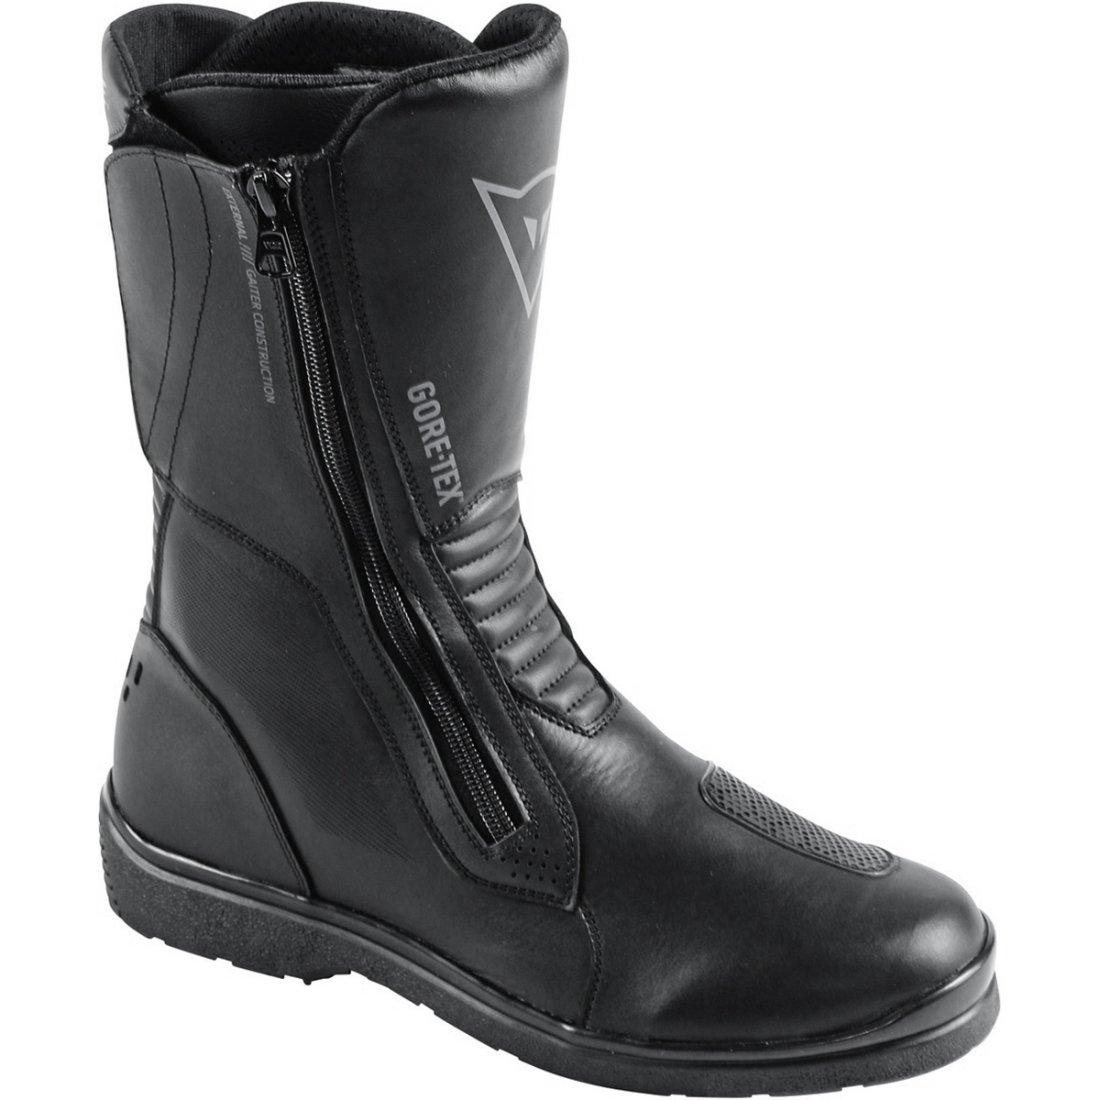 94e9b9a7a1391 DAINESE Latemar Gore-Tex Black Boots · Motocard